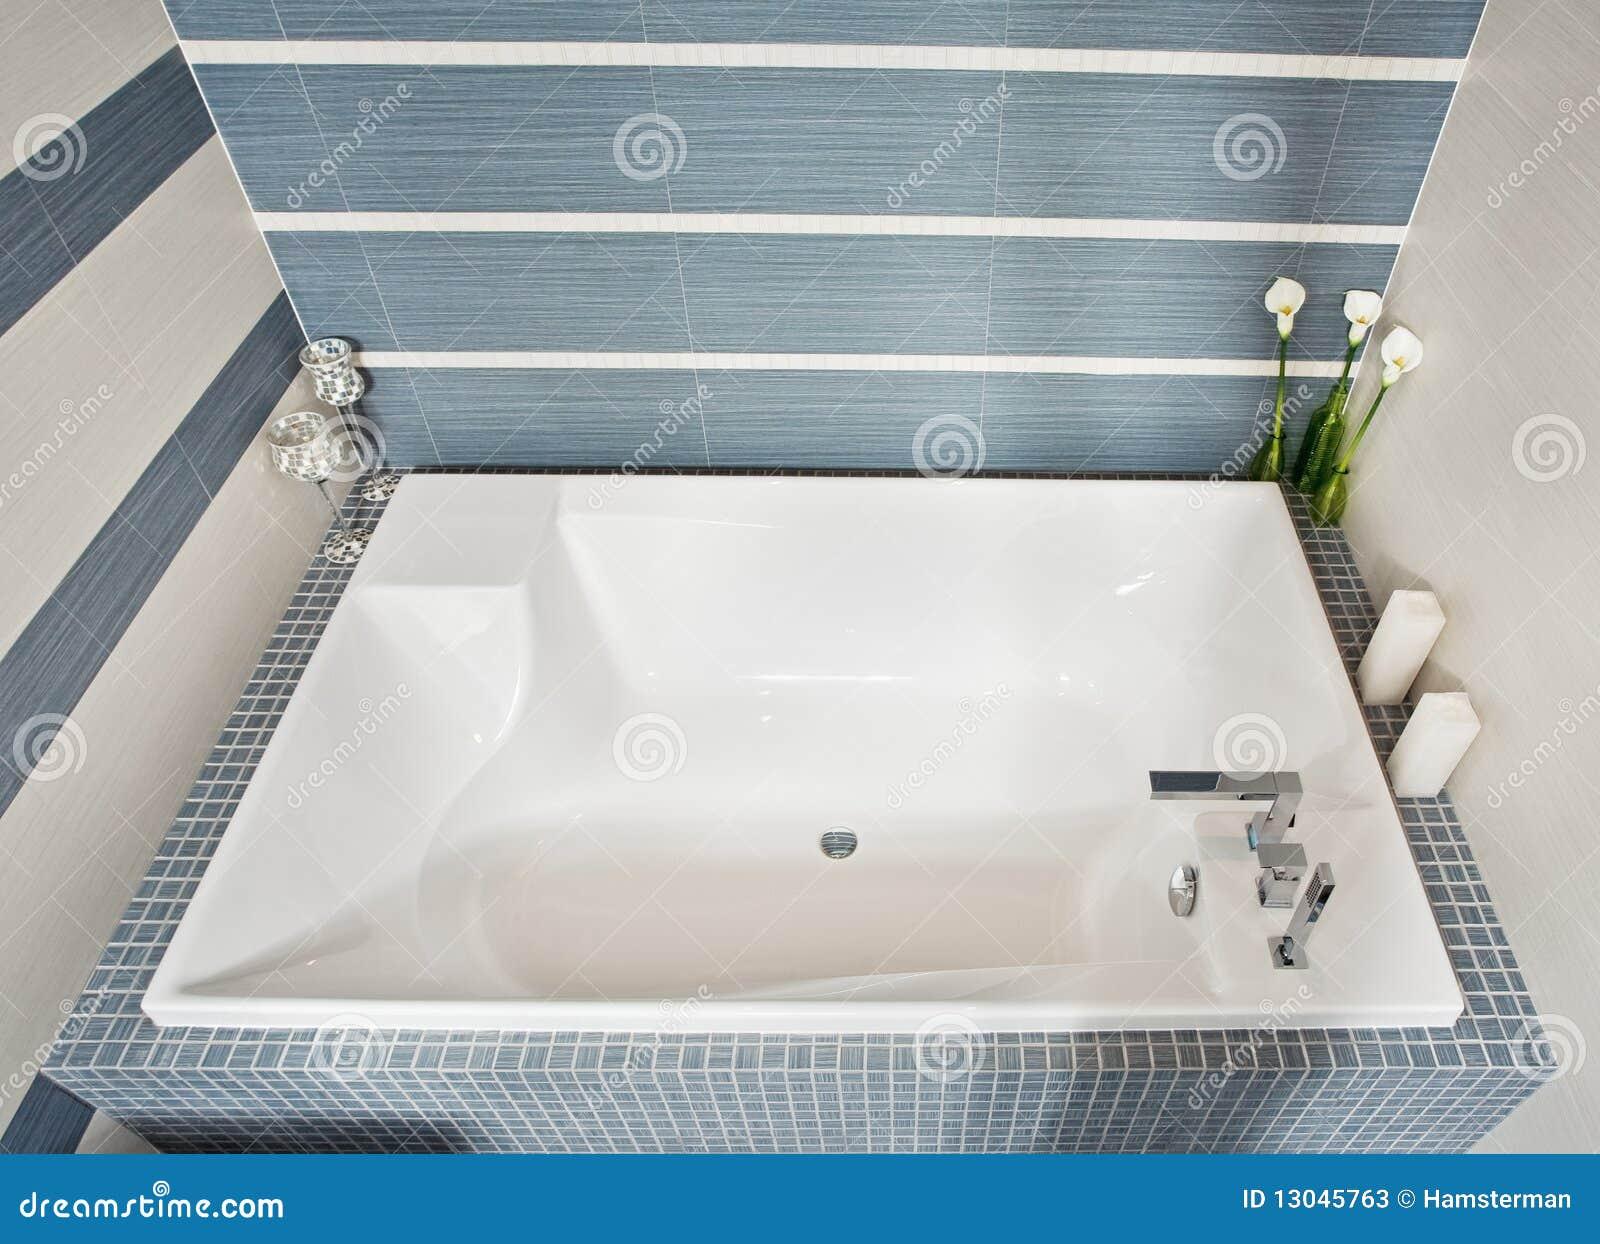 Banheiro Moderno Com A Cuba De Banho Retangular Fotos de Stock  #6C723E 1300x1027 Banheiro Antigo Azul